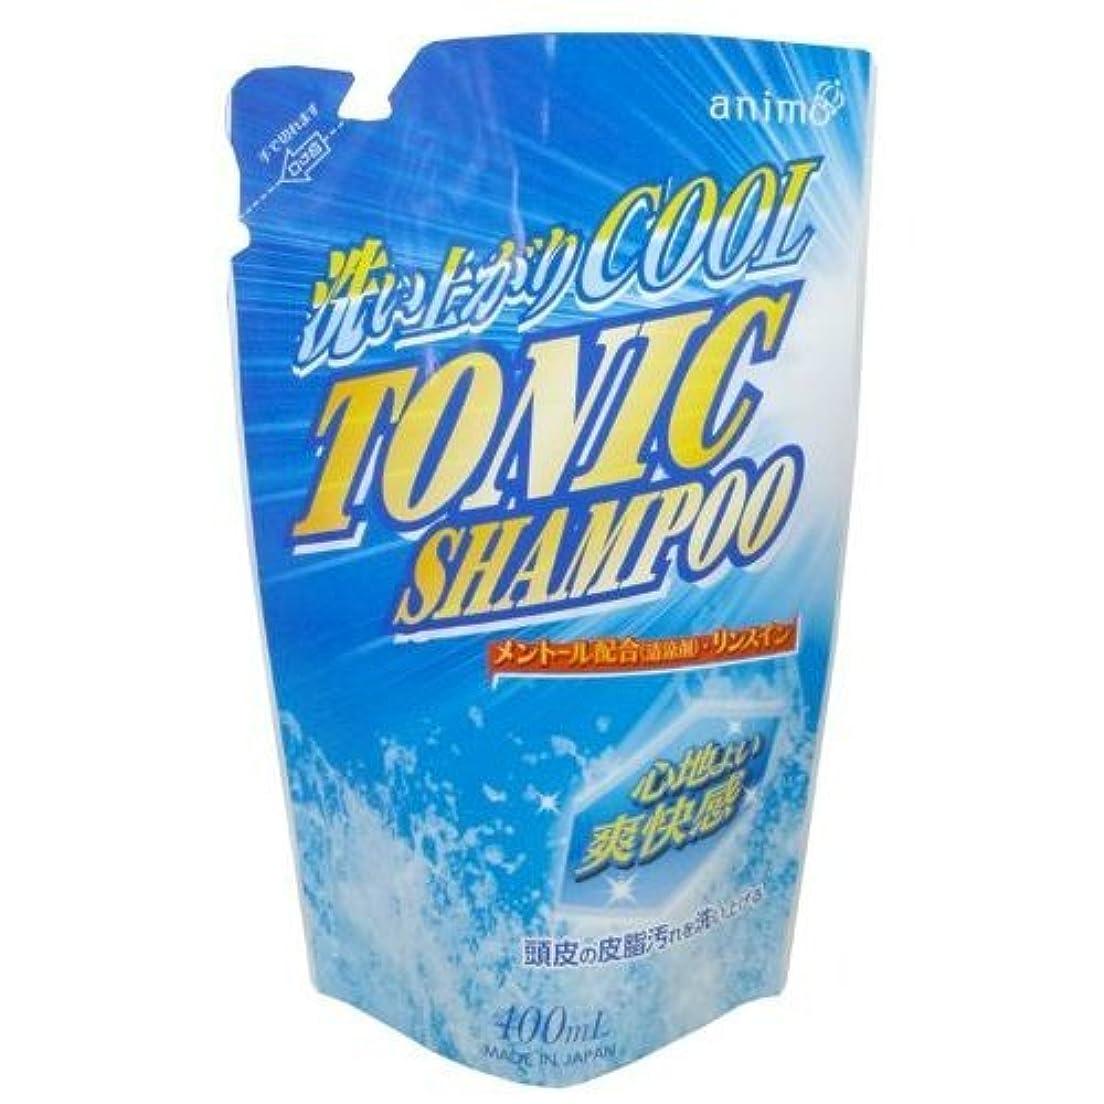 悲惨な化学薬品倉庫ロケット石鹸 トニックシャンプー 詰替用 400ml (4571113801403)